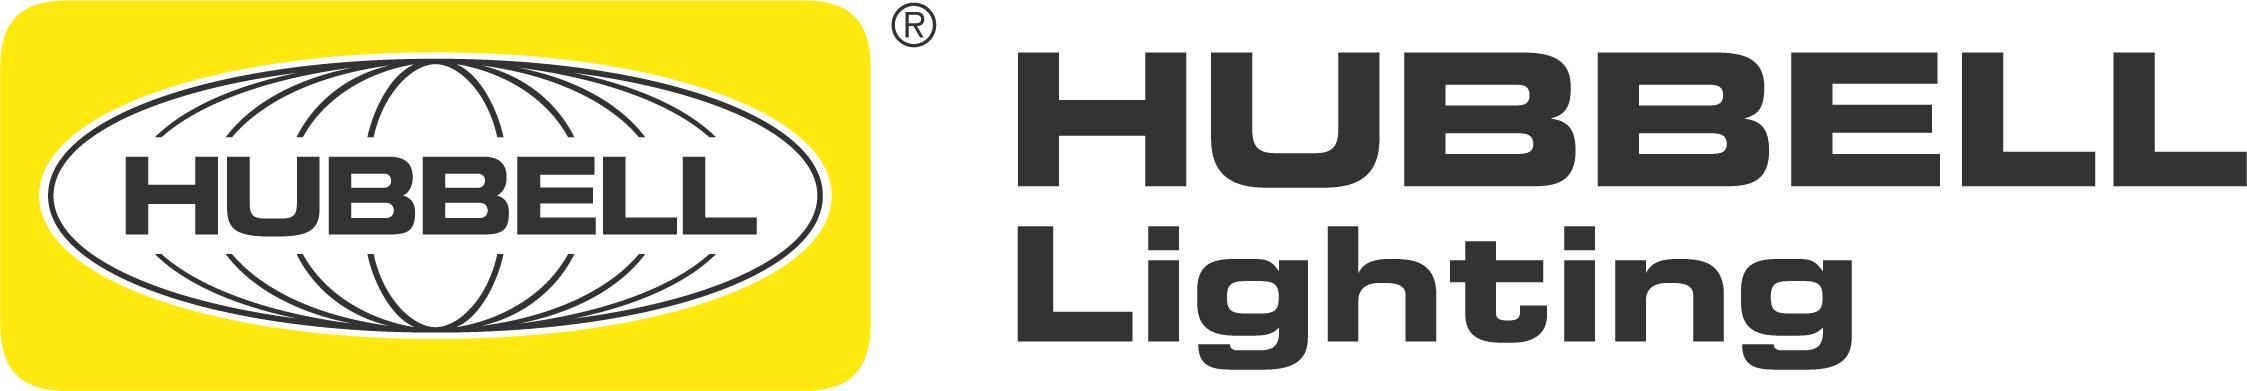 HUBBELL-LIGHTING-cmyk-80.jpg